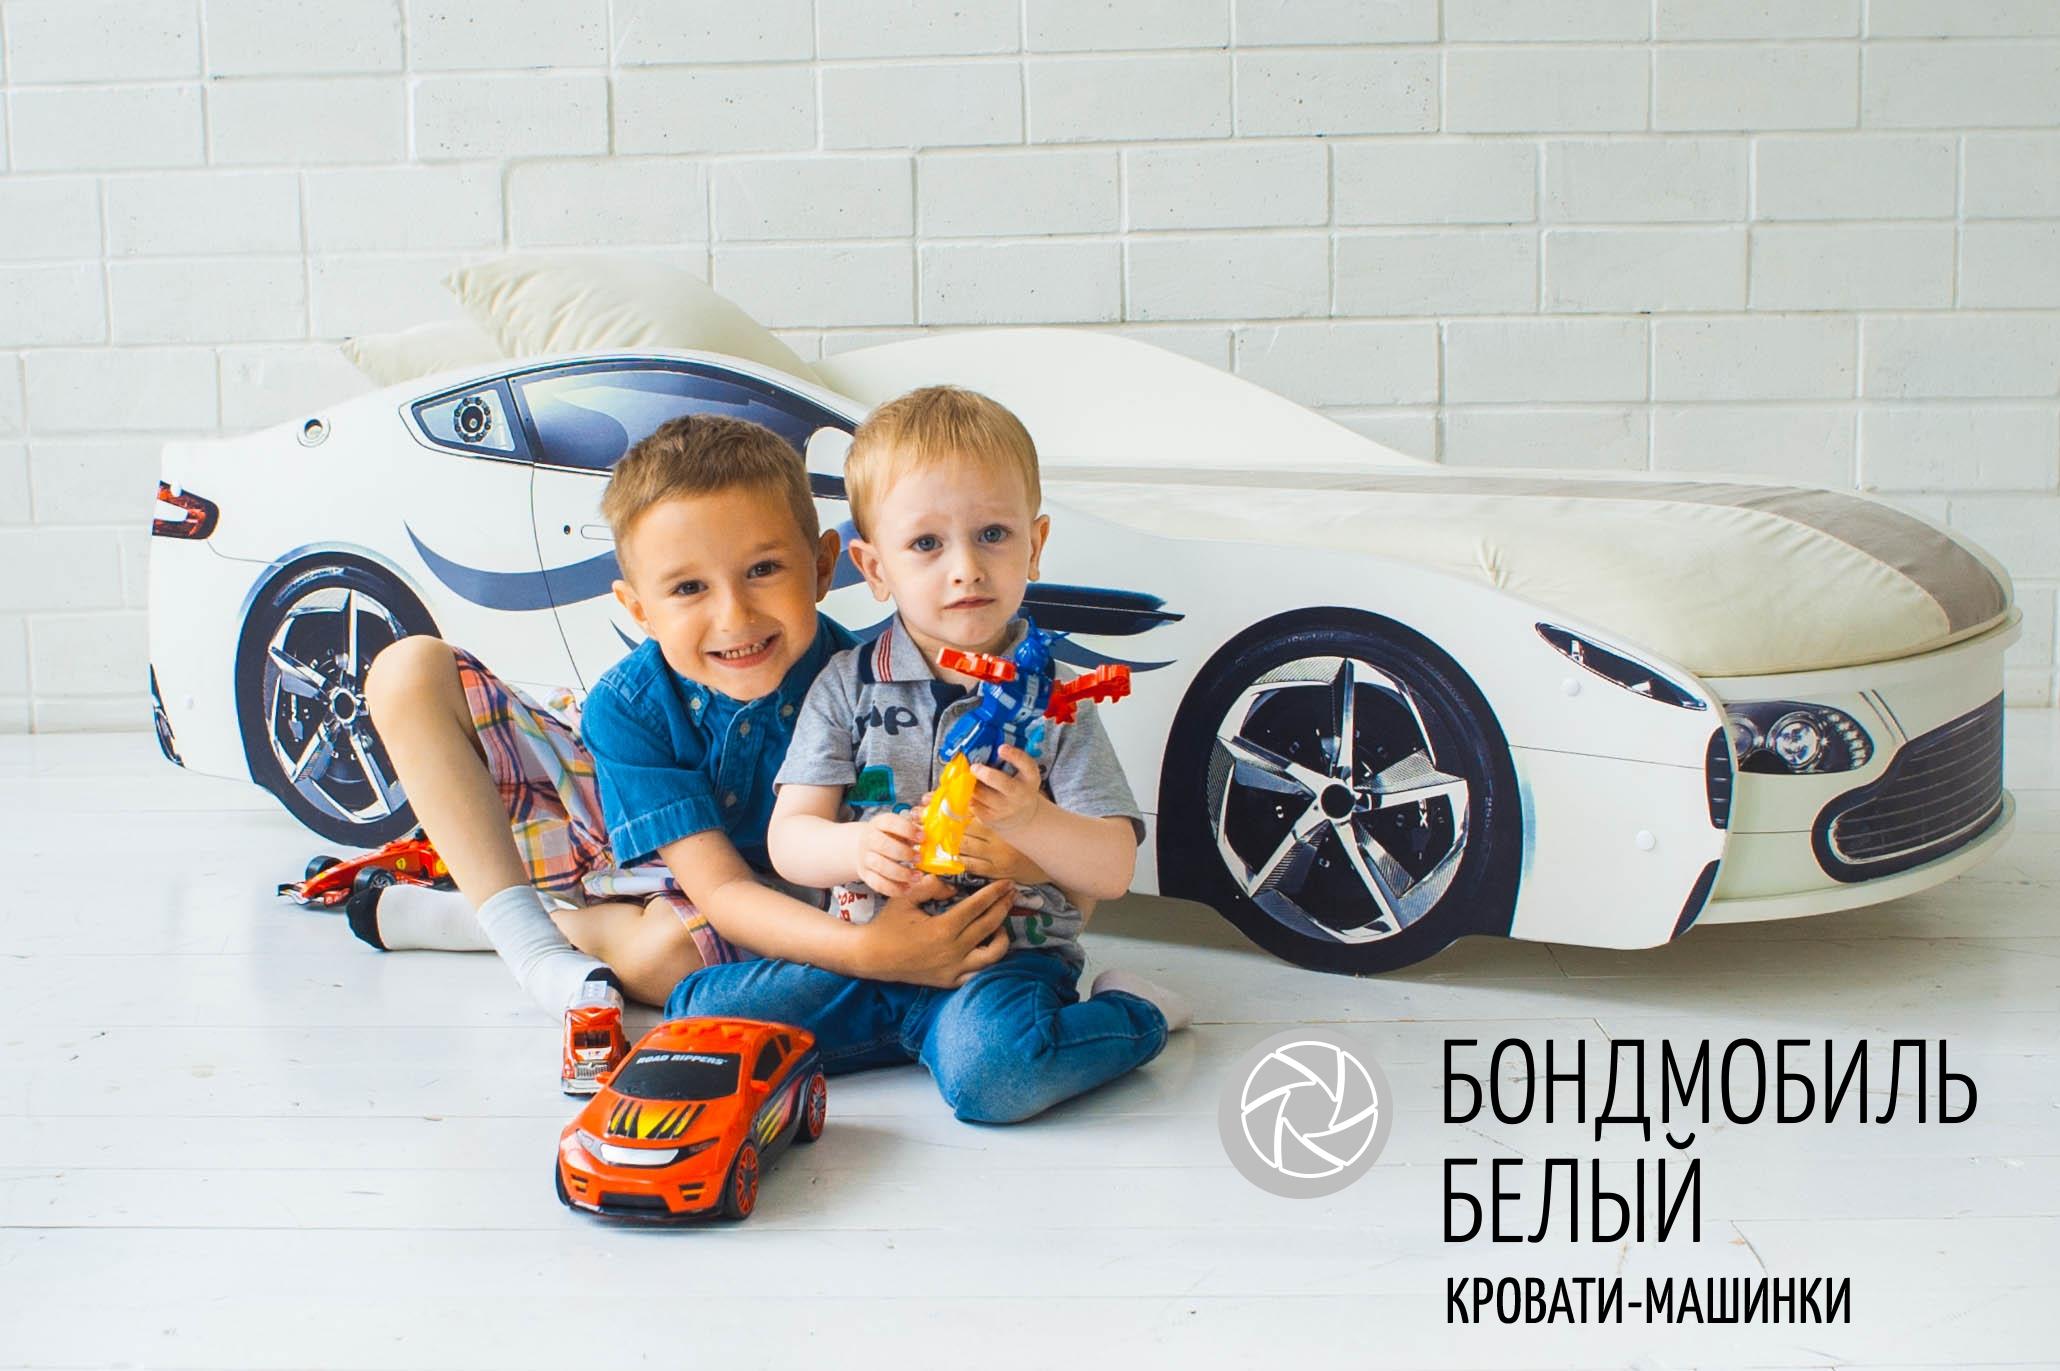 Детская кровать-машина белый -Бондмобиль-7